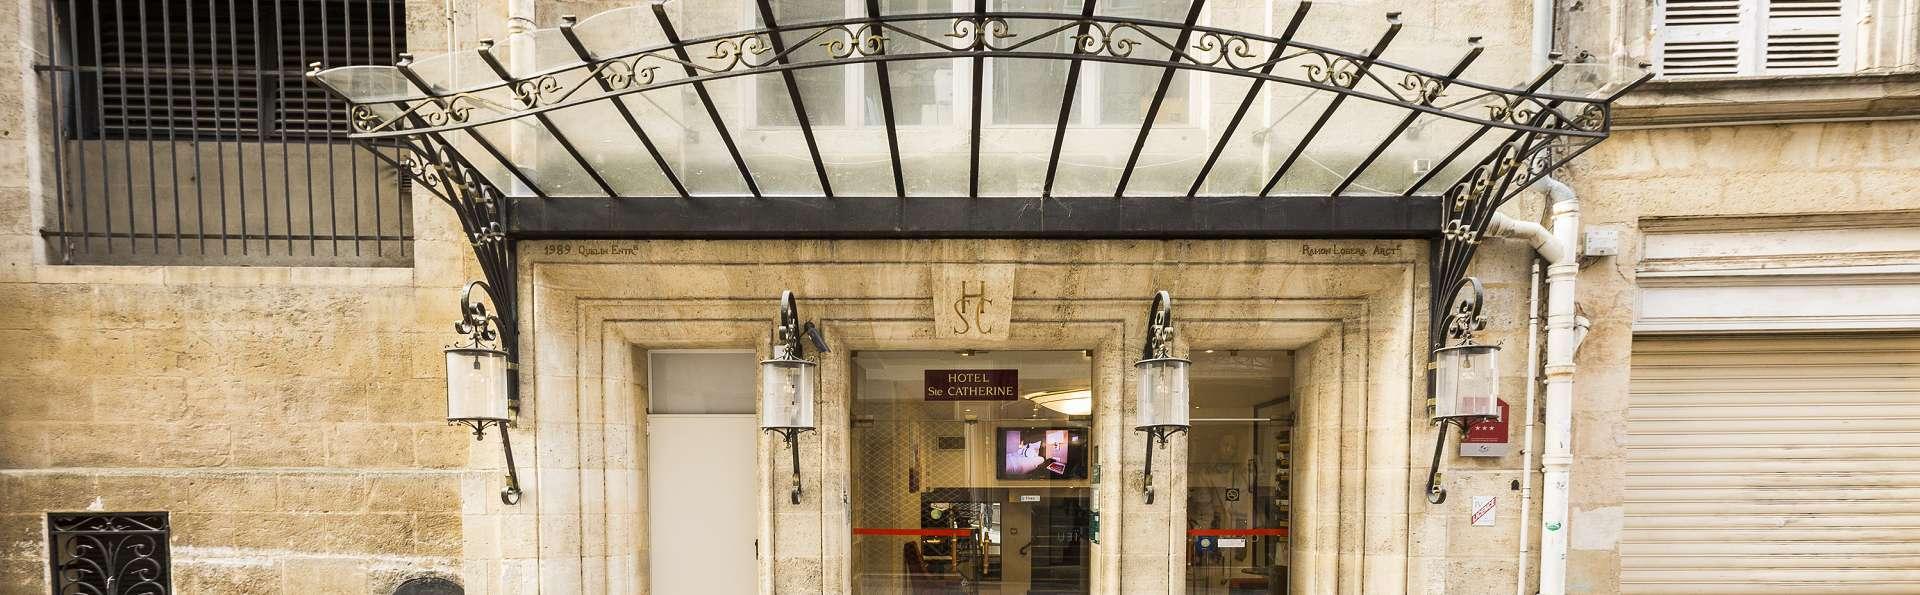 Quality Hotel Bordeaux Centre - EDIT_FRONT_2.jpg